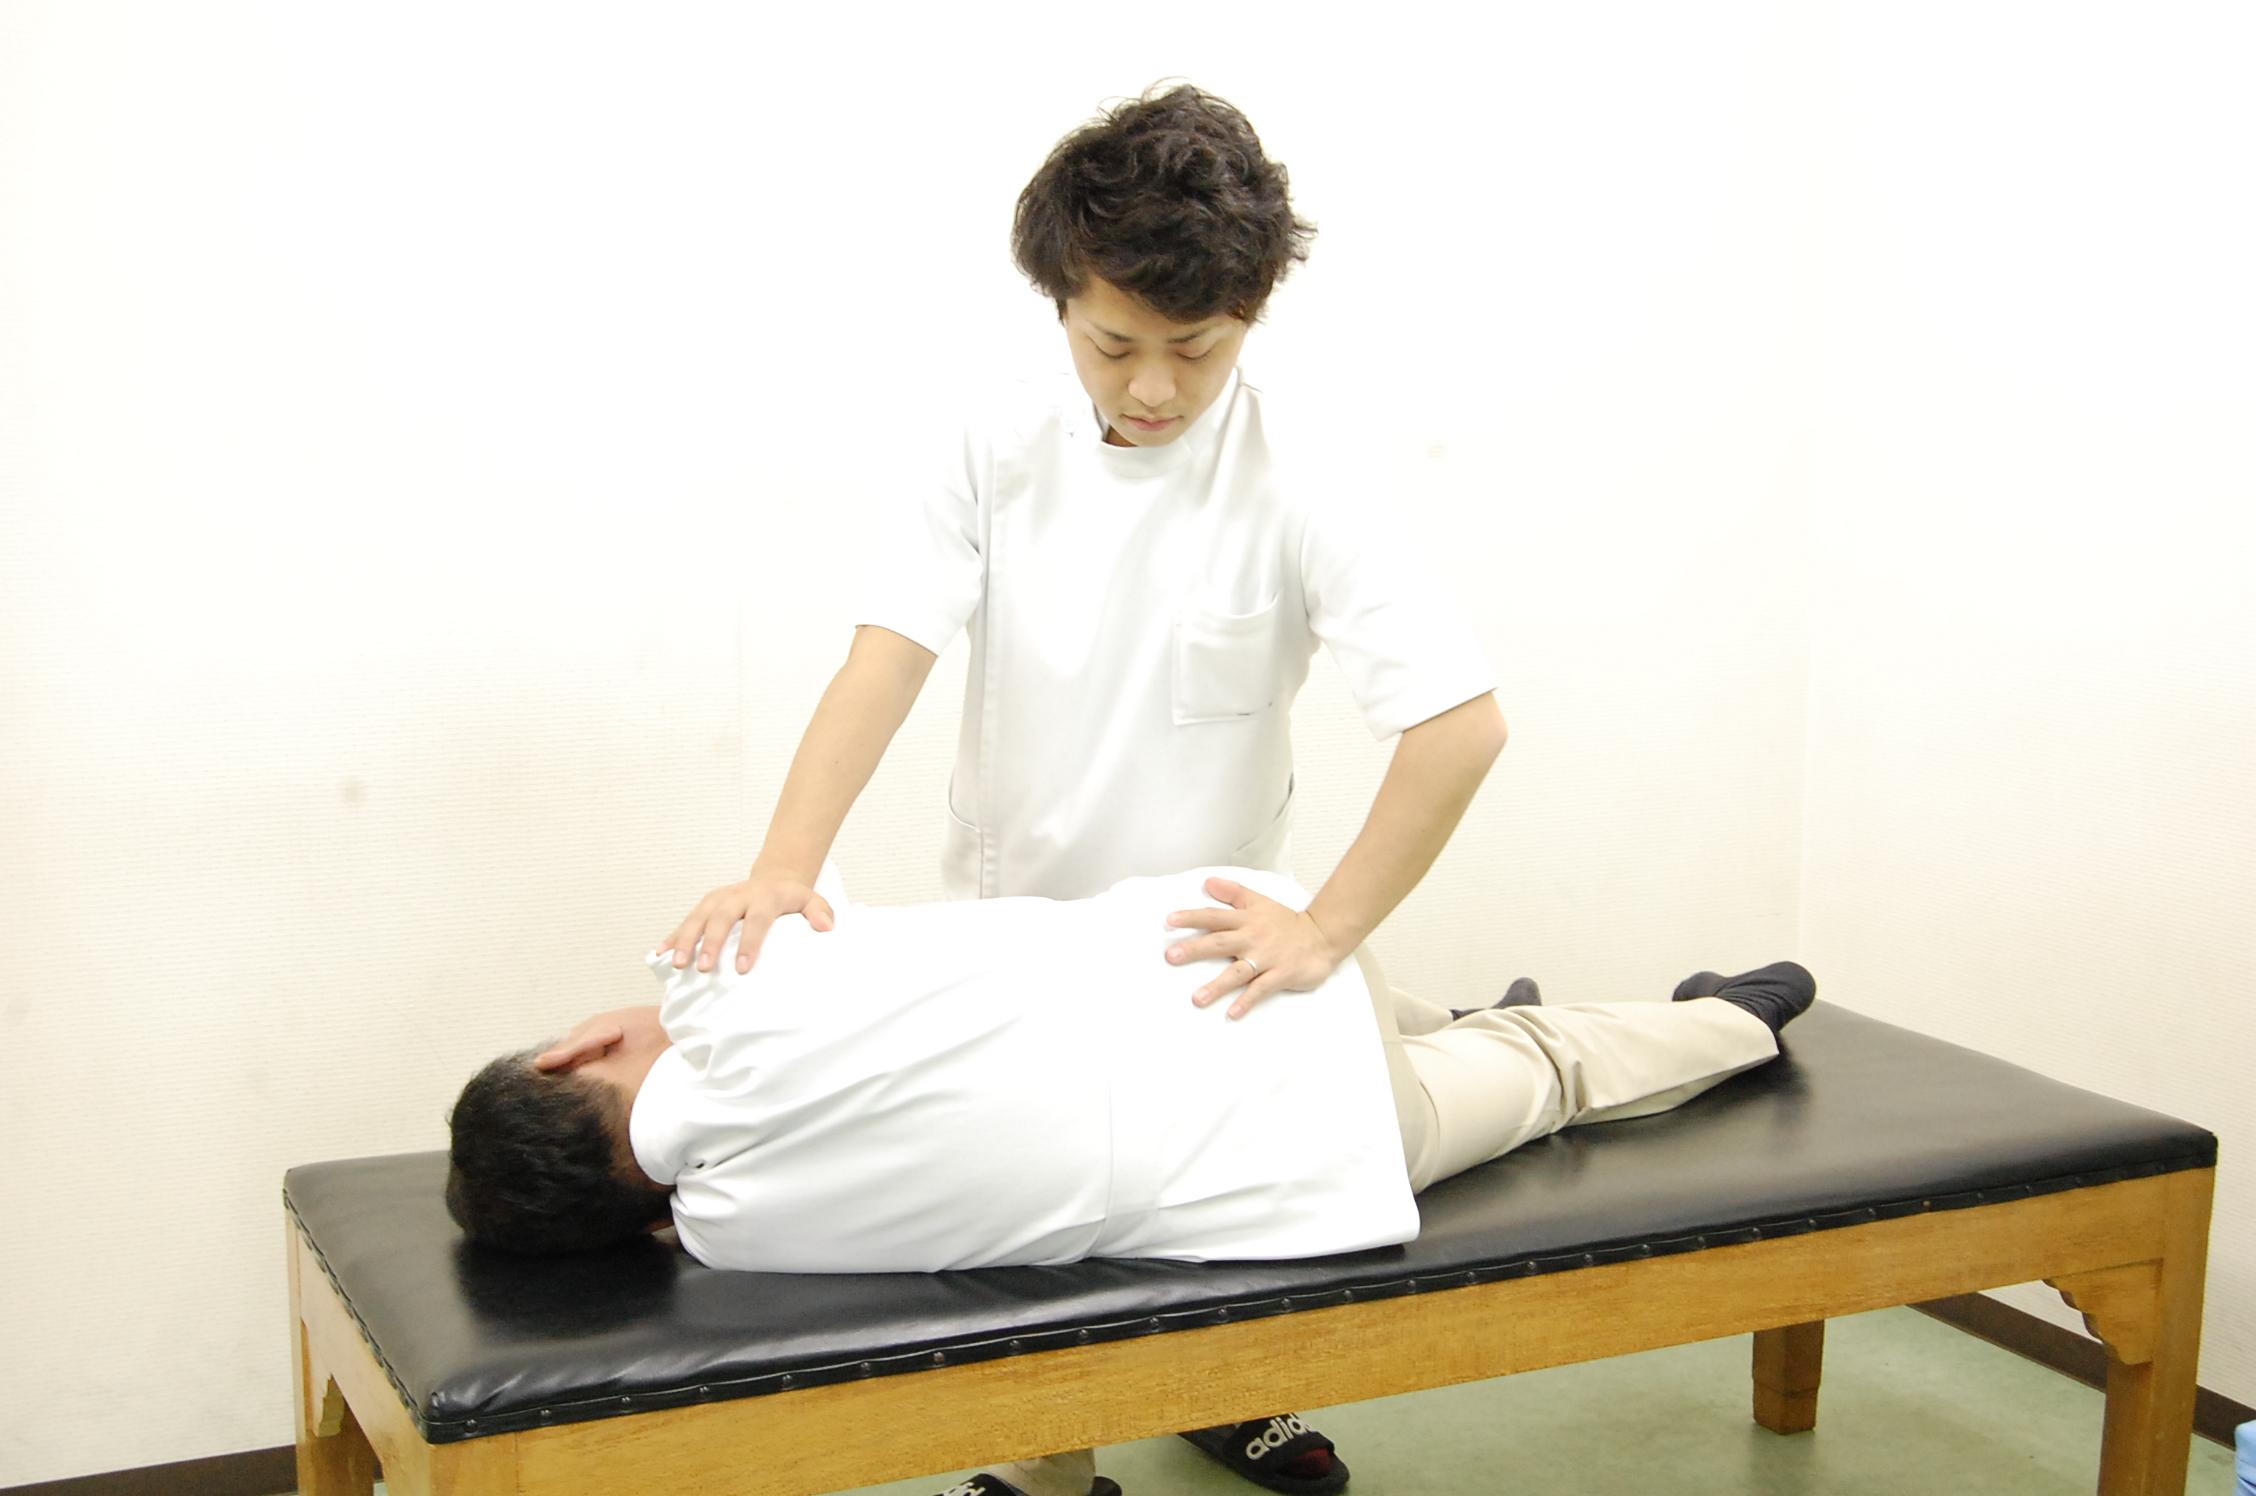 骨盤の歪みを放置するとどうなるのか? 名古屋市東区 天仁接骨院・天仁鍼灸院